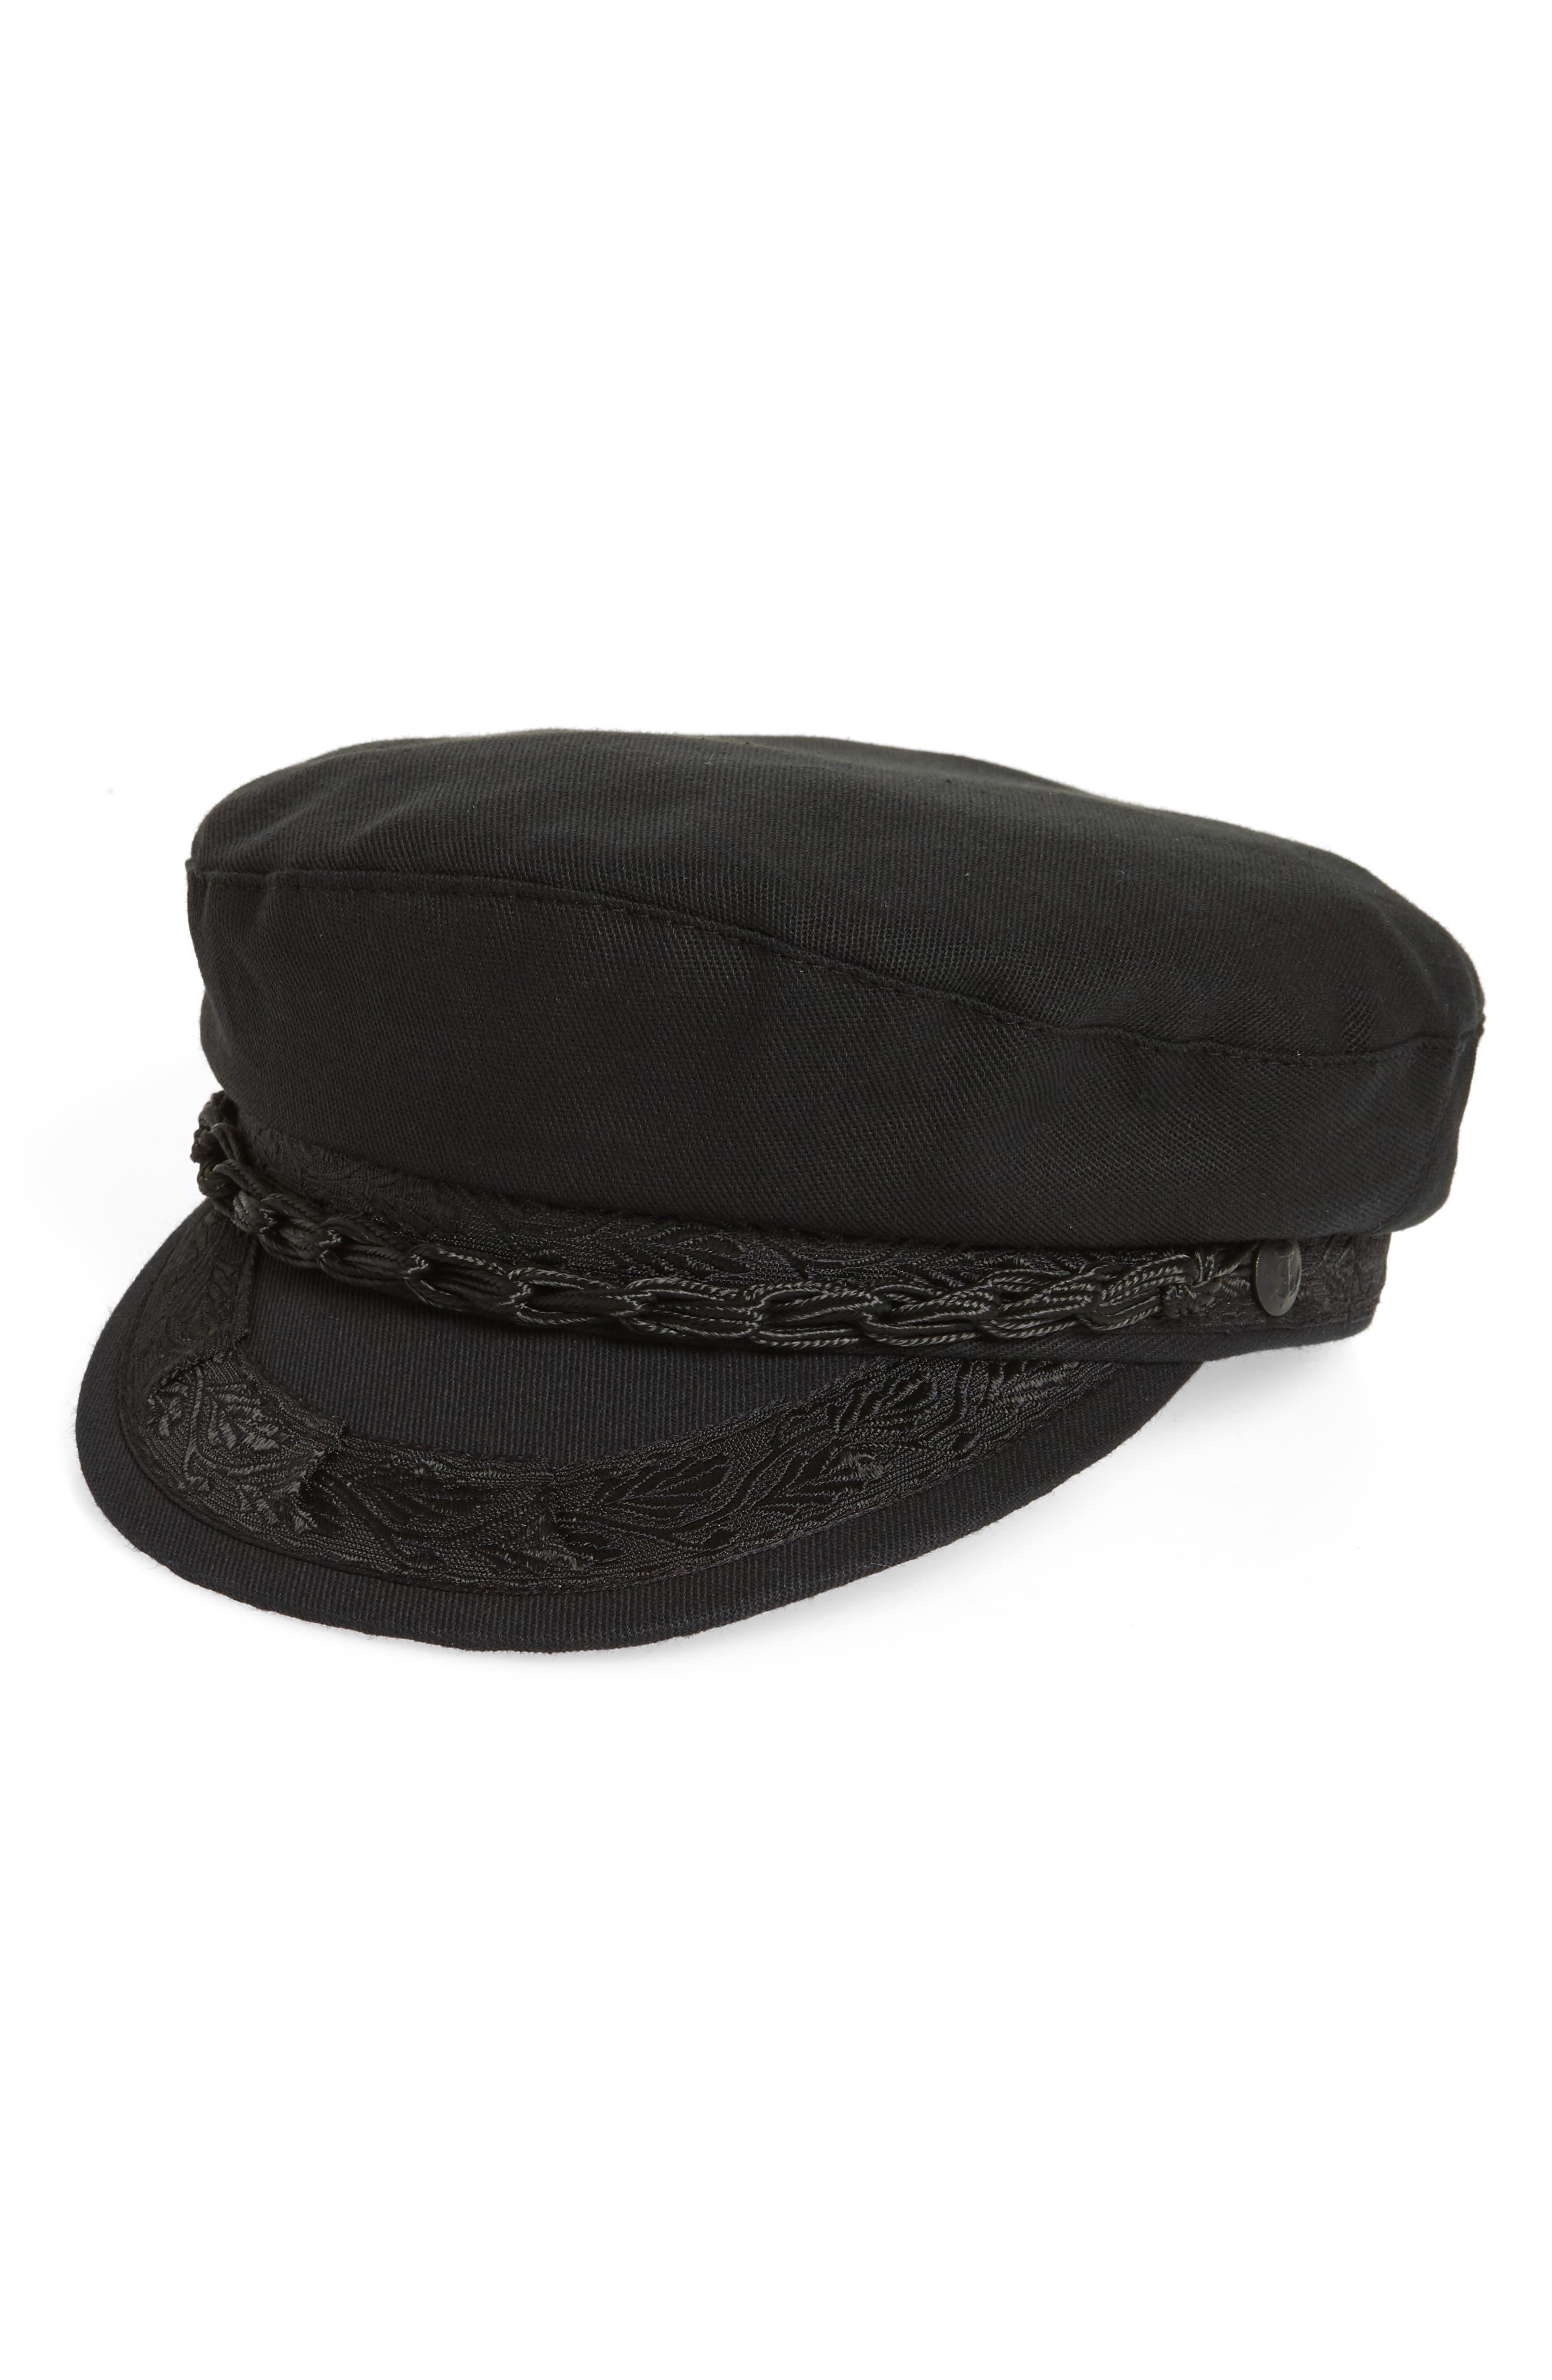 Cotton Baker Boy Hat,                         Main,                         color, Black